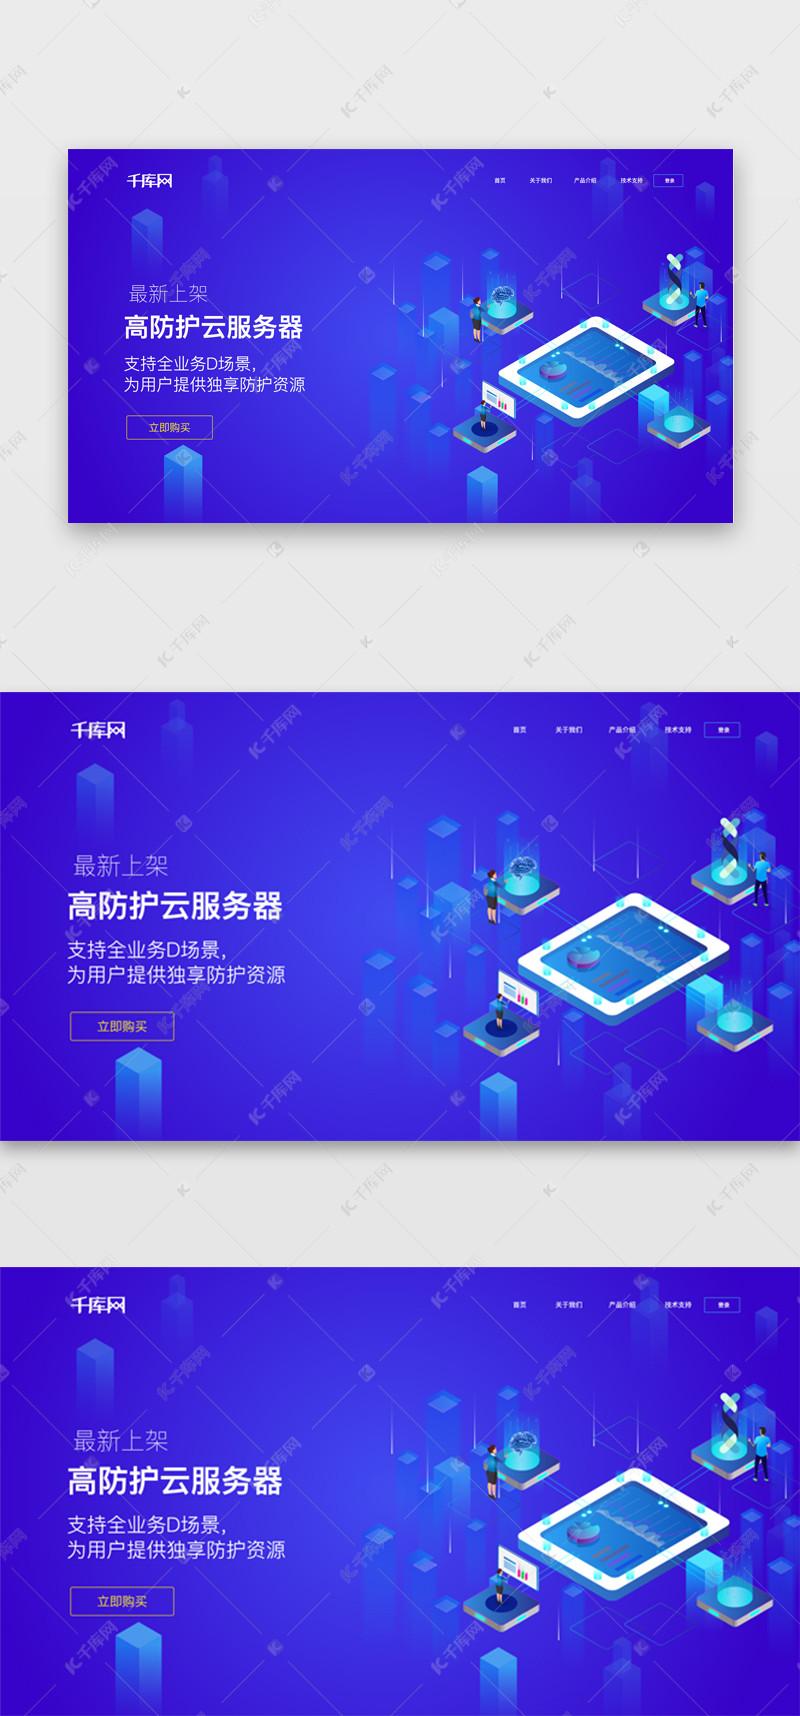 蓝色页面创意25D渐变banner科技ui设计素材酷家乐3d室内装修设计软件下载图片